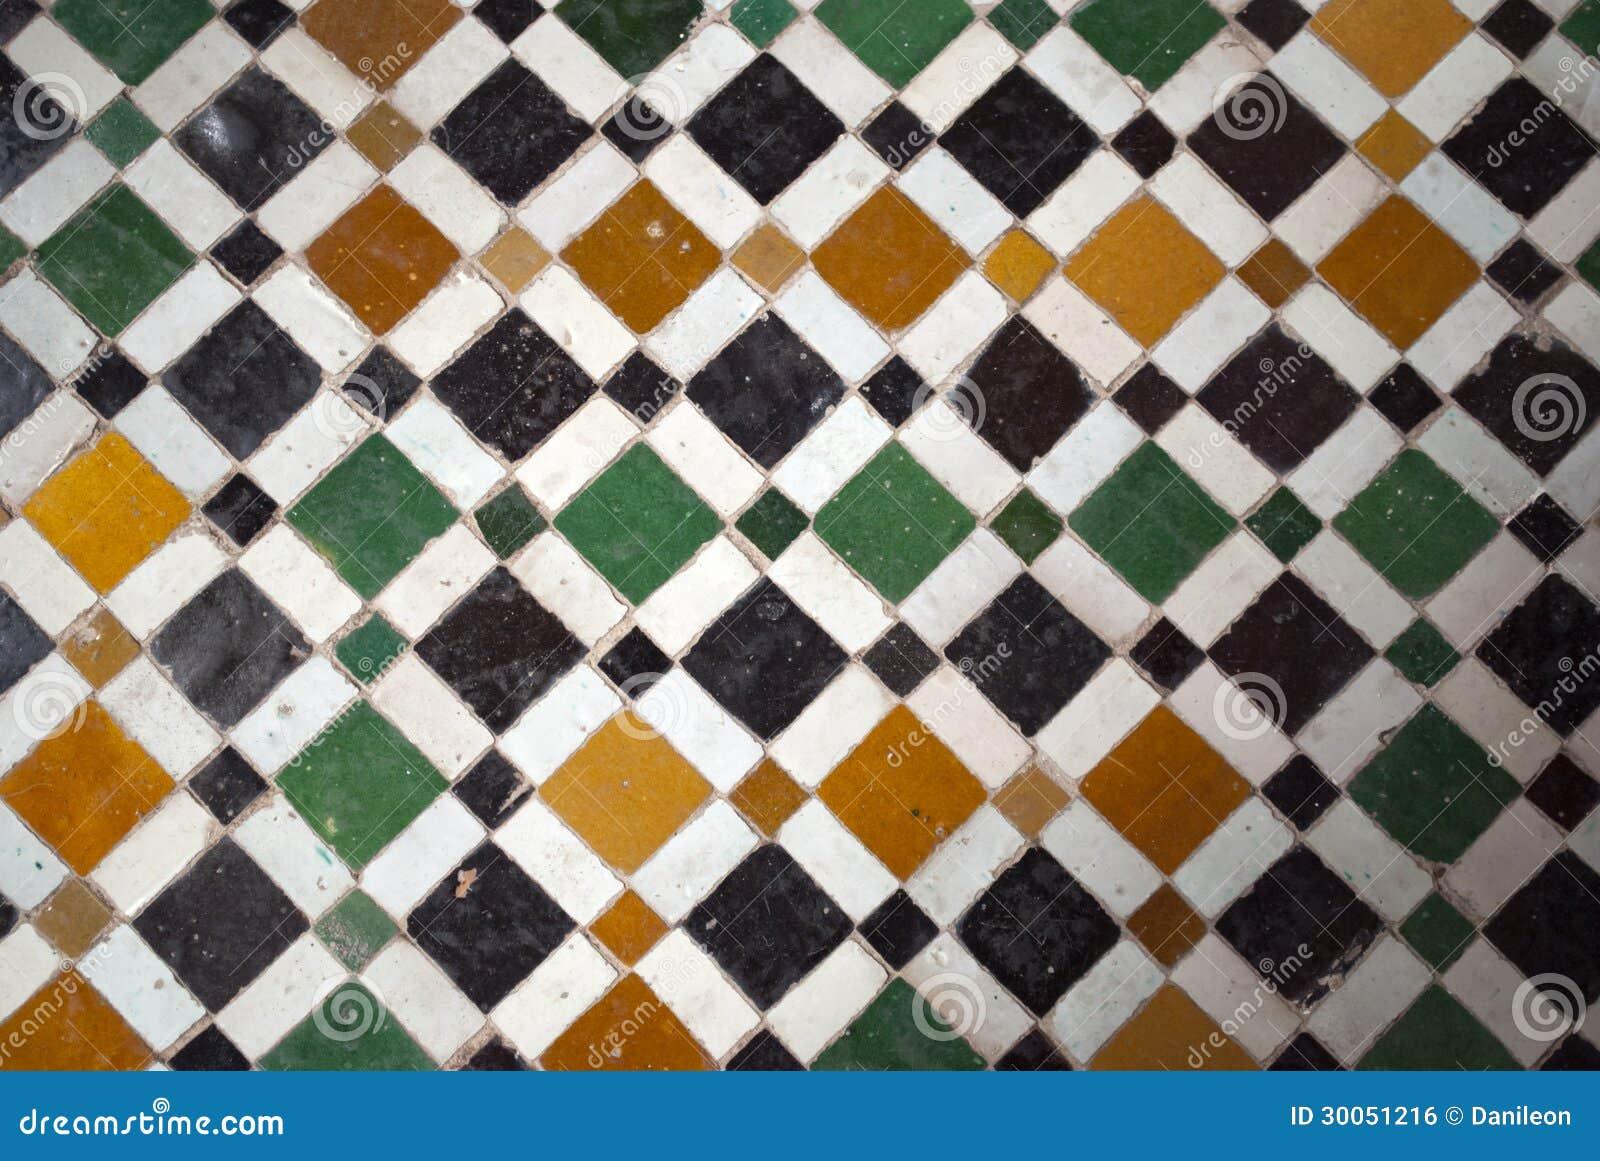 Arabesque variopinte tipiche del marocco marrakesh vecchie